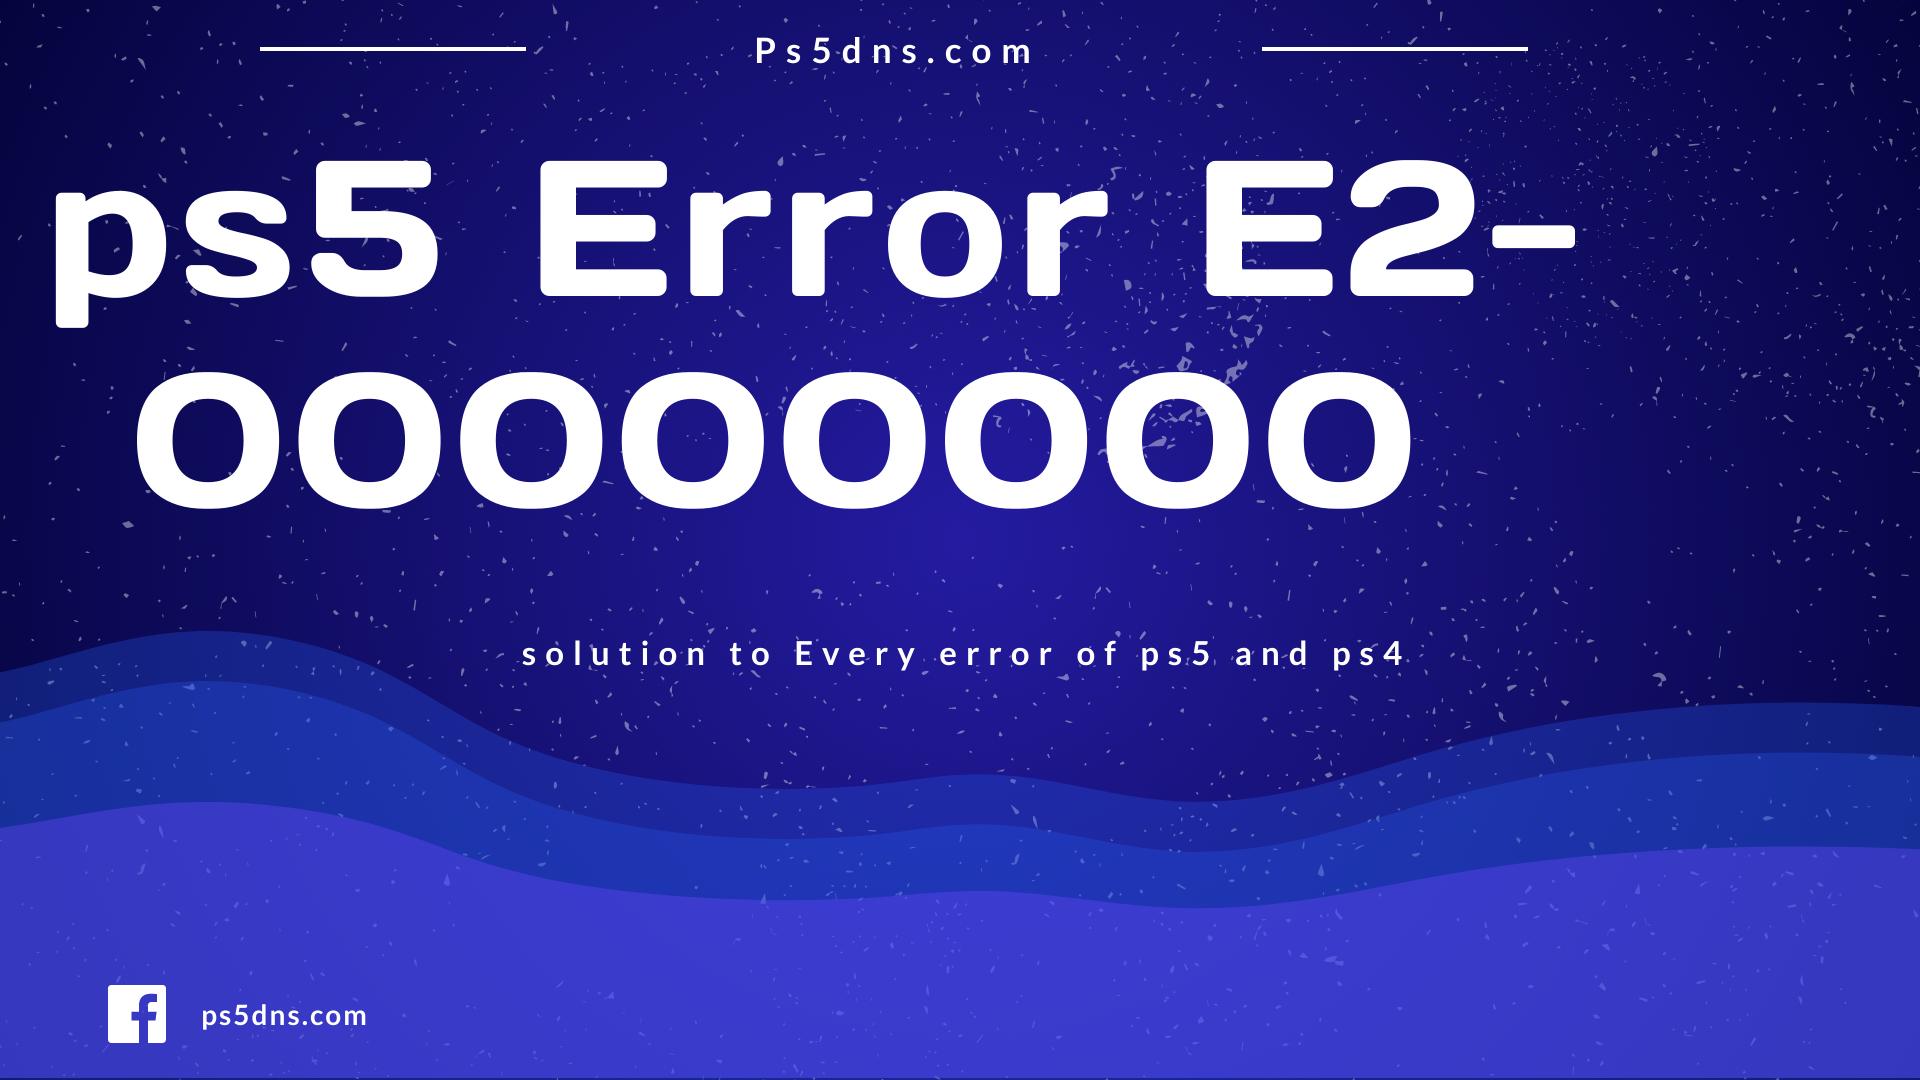 ps5 code E2-0000000000